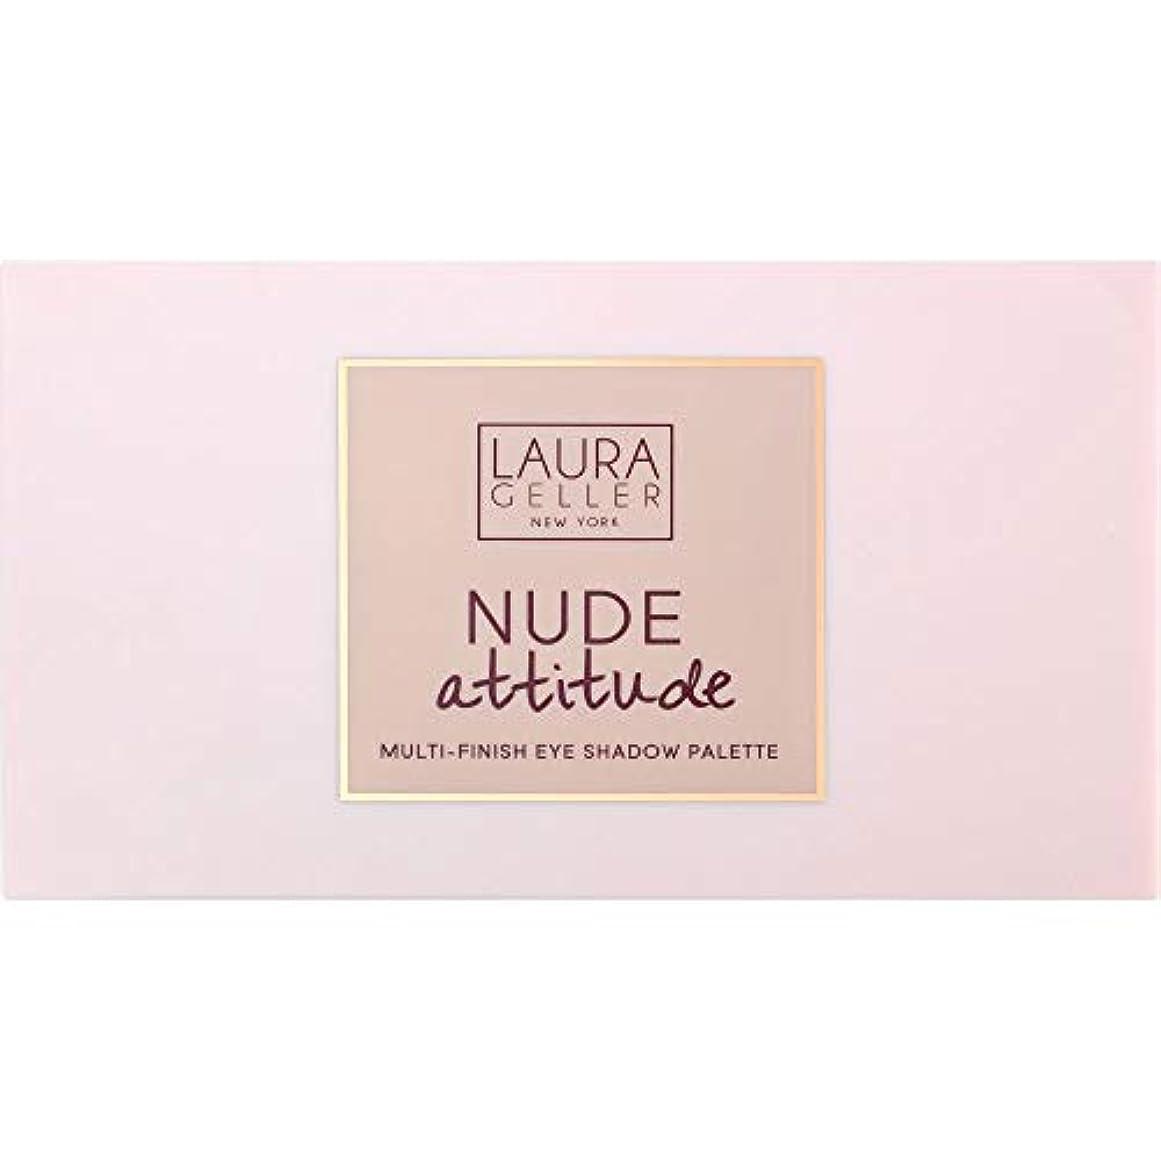 最小発音光沢[Laura Geller ] ローラ?ゲラーヌード態度マルチフィニッシュアイシャドウパレット12×1.1グラム - Laura Geller Nude Attitude Multi-Finish Eye Shadow...